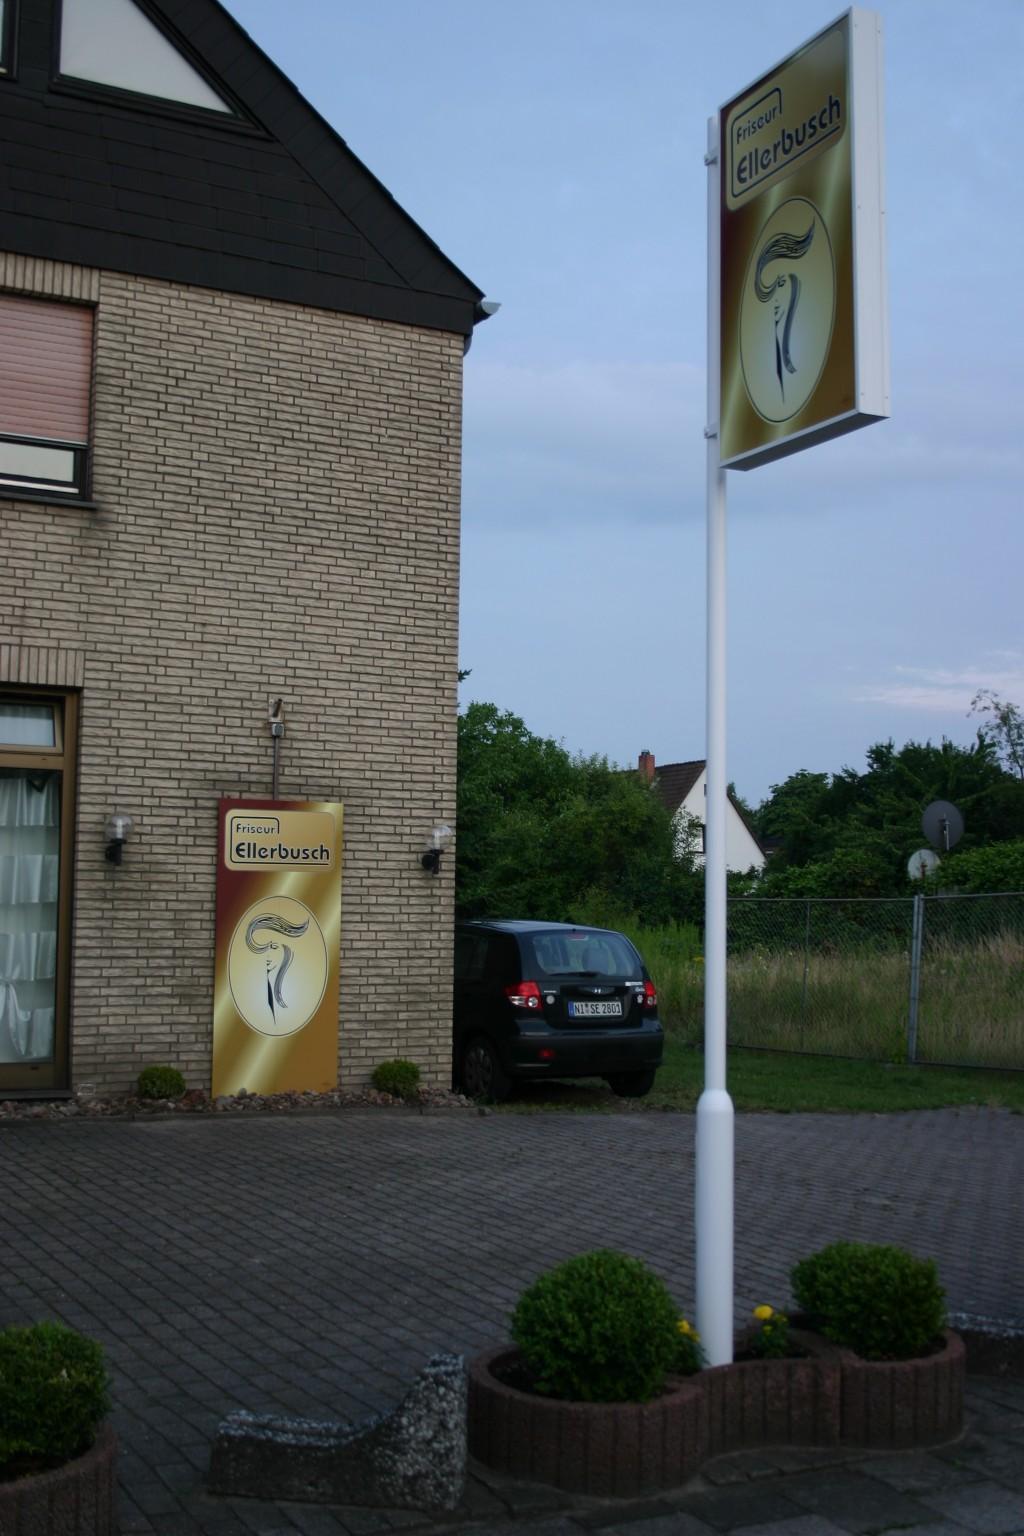 Friseur-Ellerbusch-3